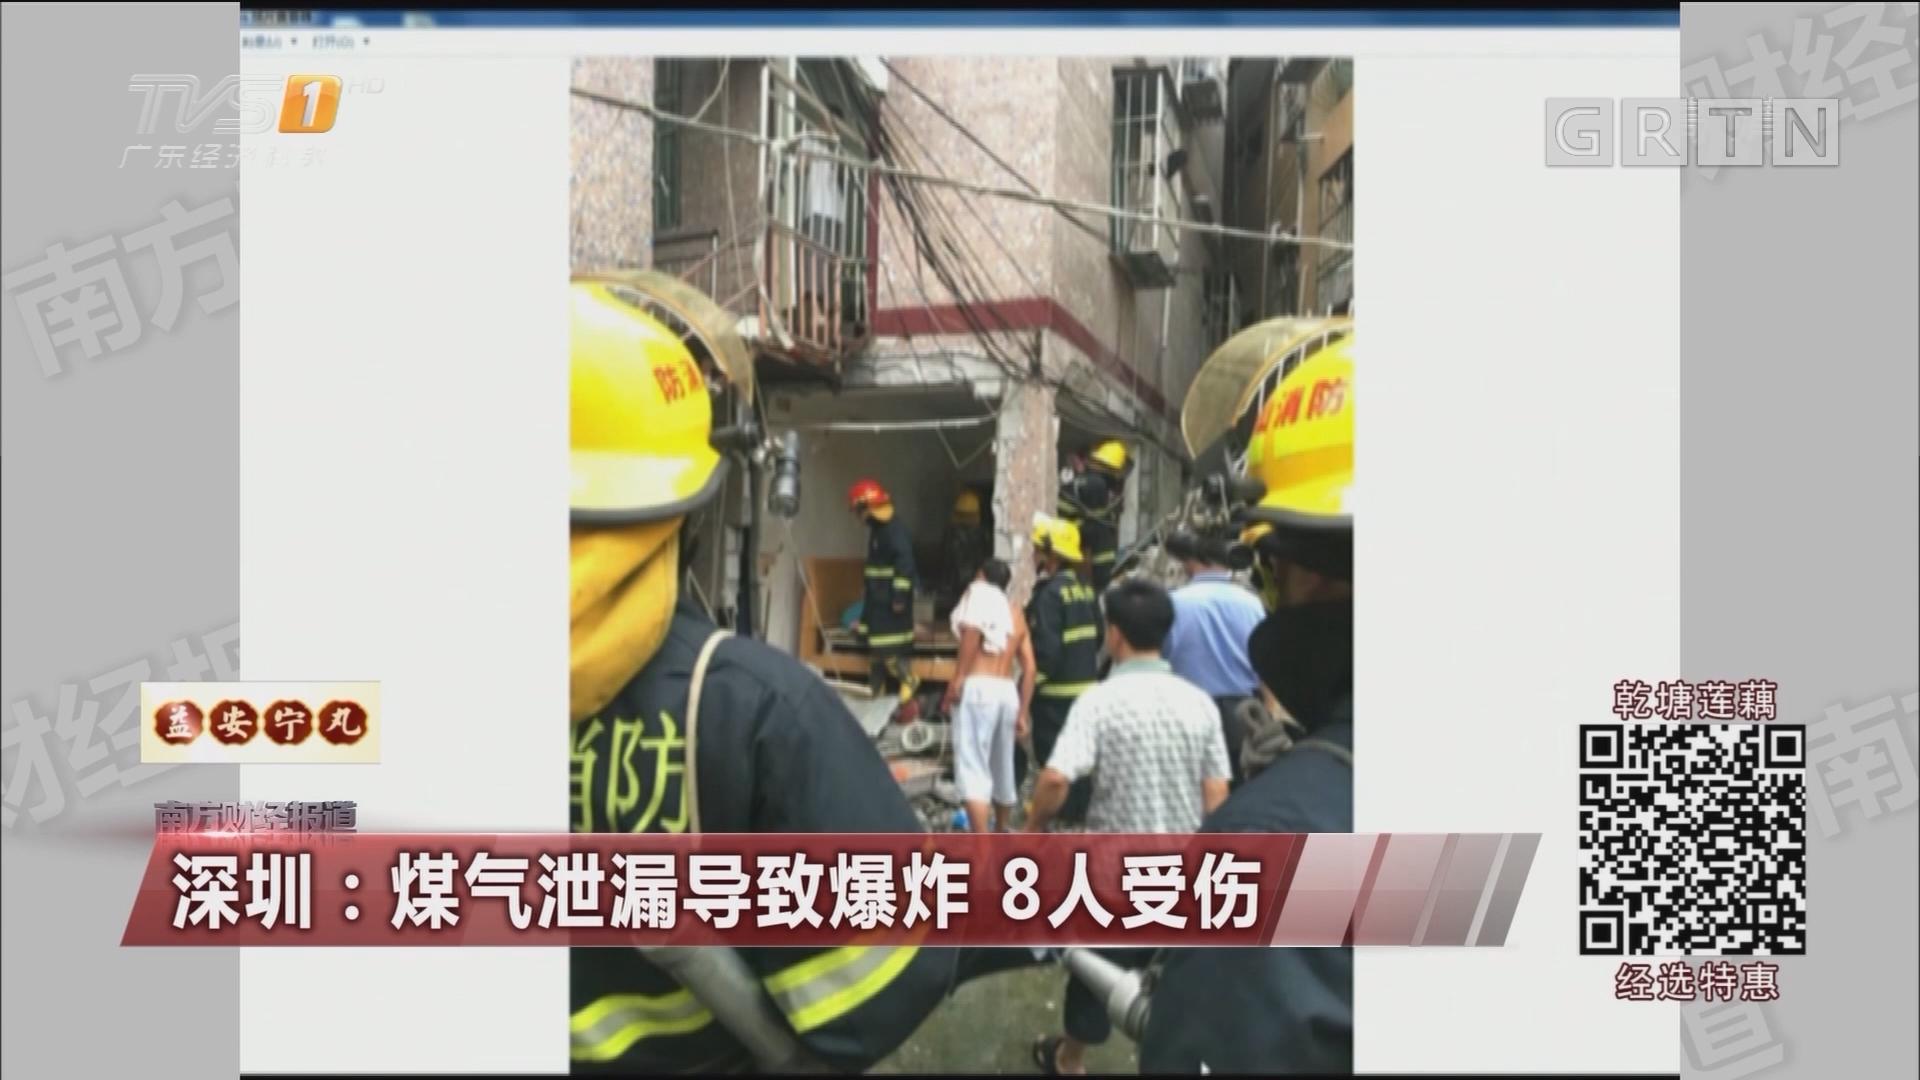 深圳:煤气泄漏导致爆炸 8人受伤